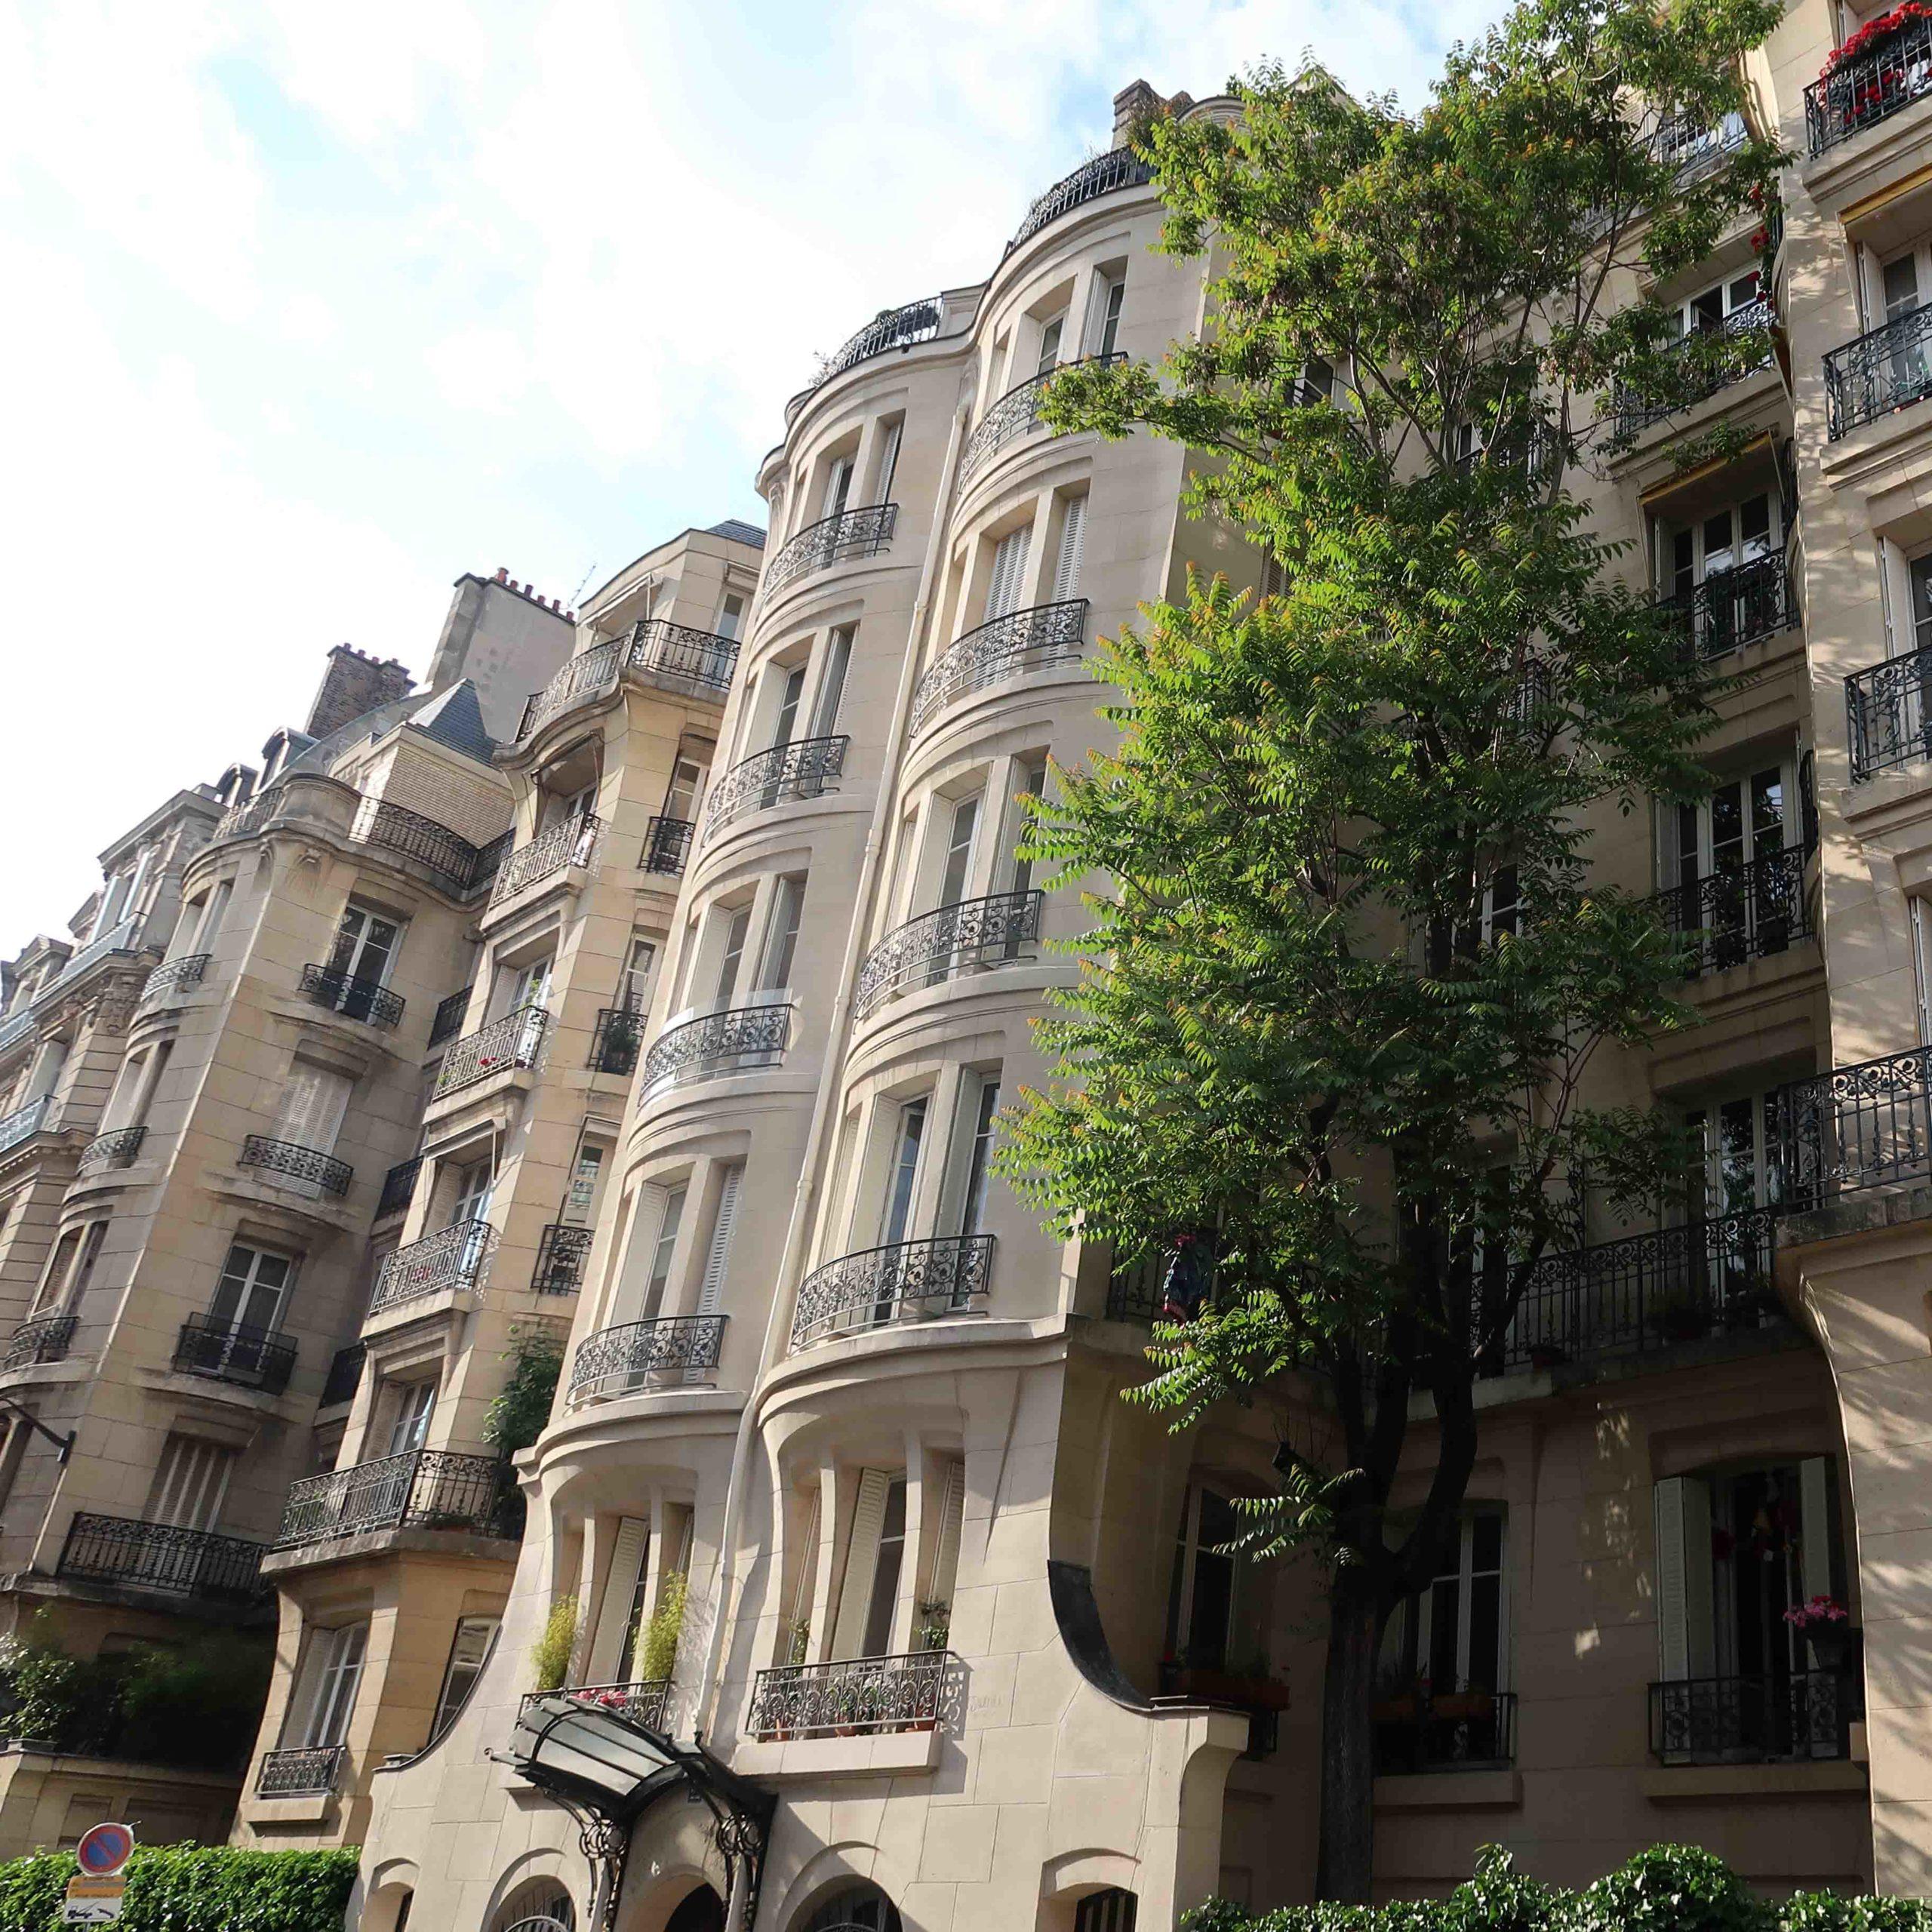 rentabilite-locative-Paris-5eme-arrondissement